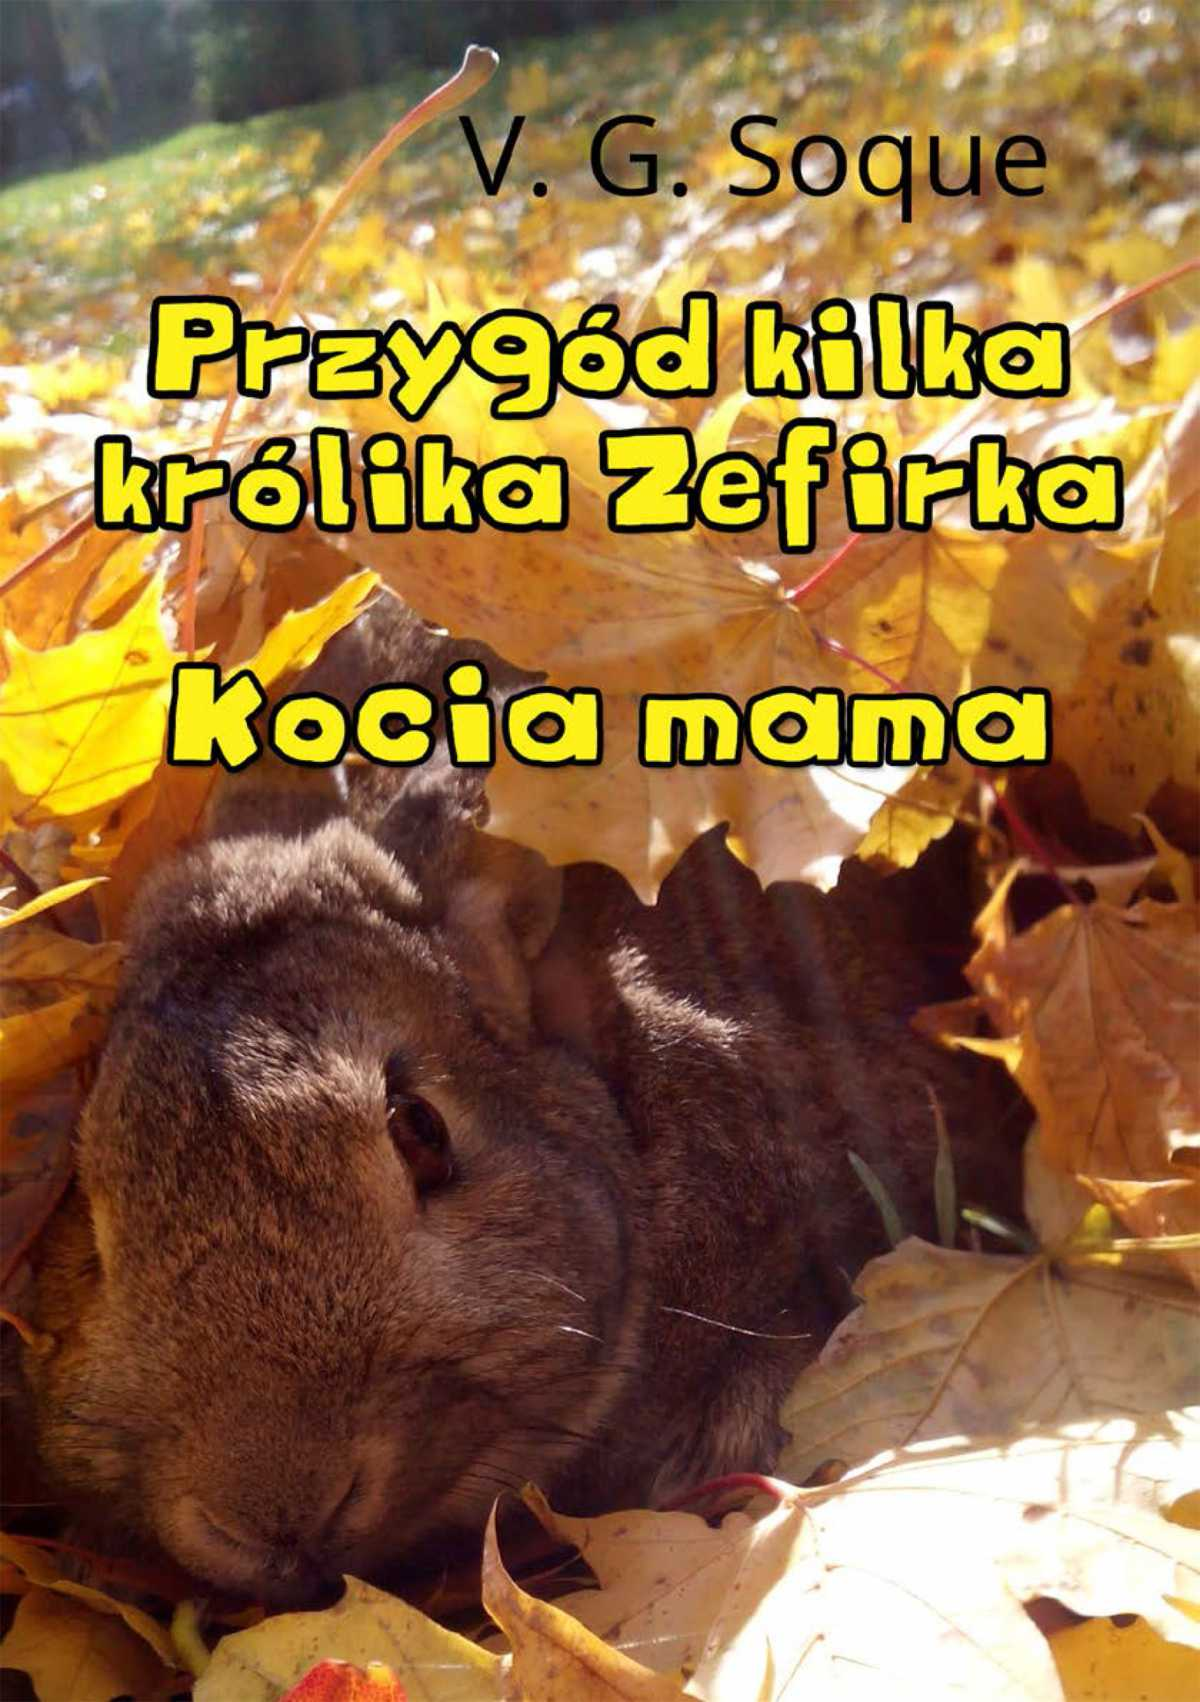 Przygód kilka królika Zefirka. Kocia mama - Ebook (Książka PDF) do pobrania w formacie PDF